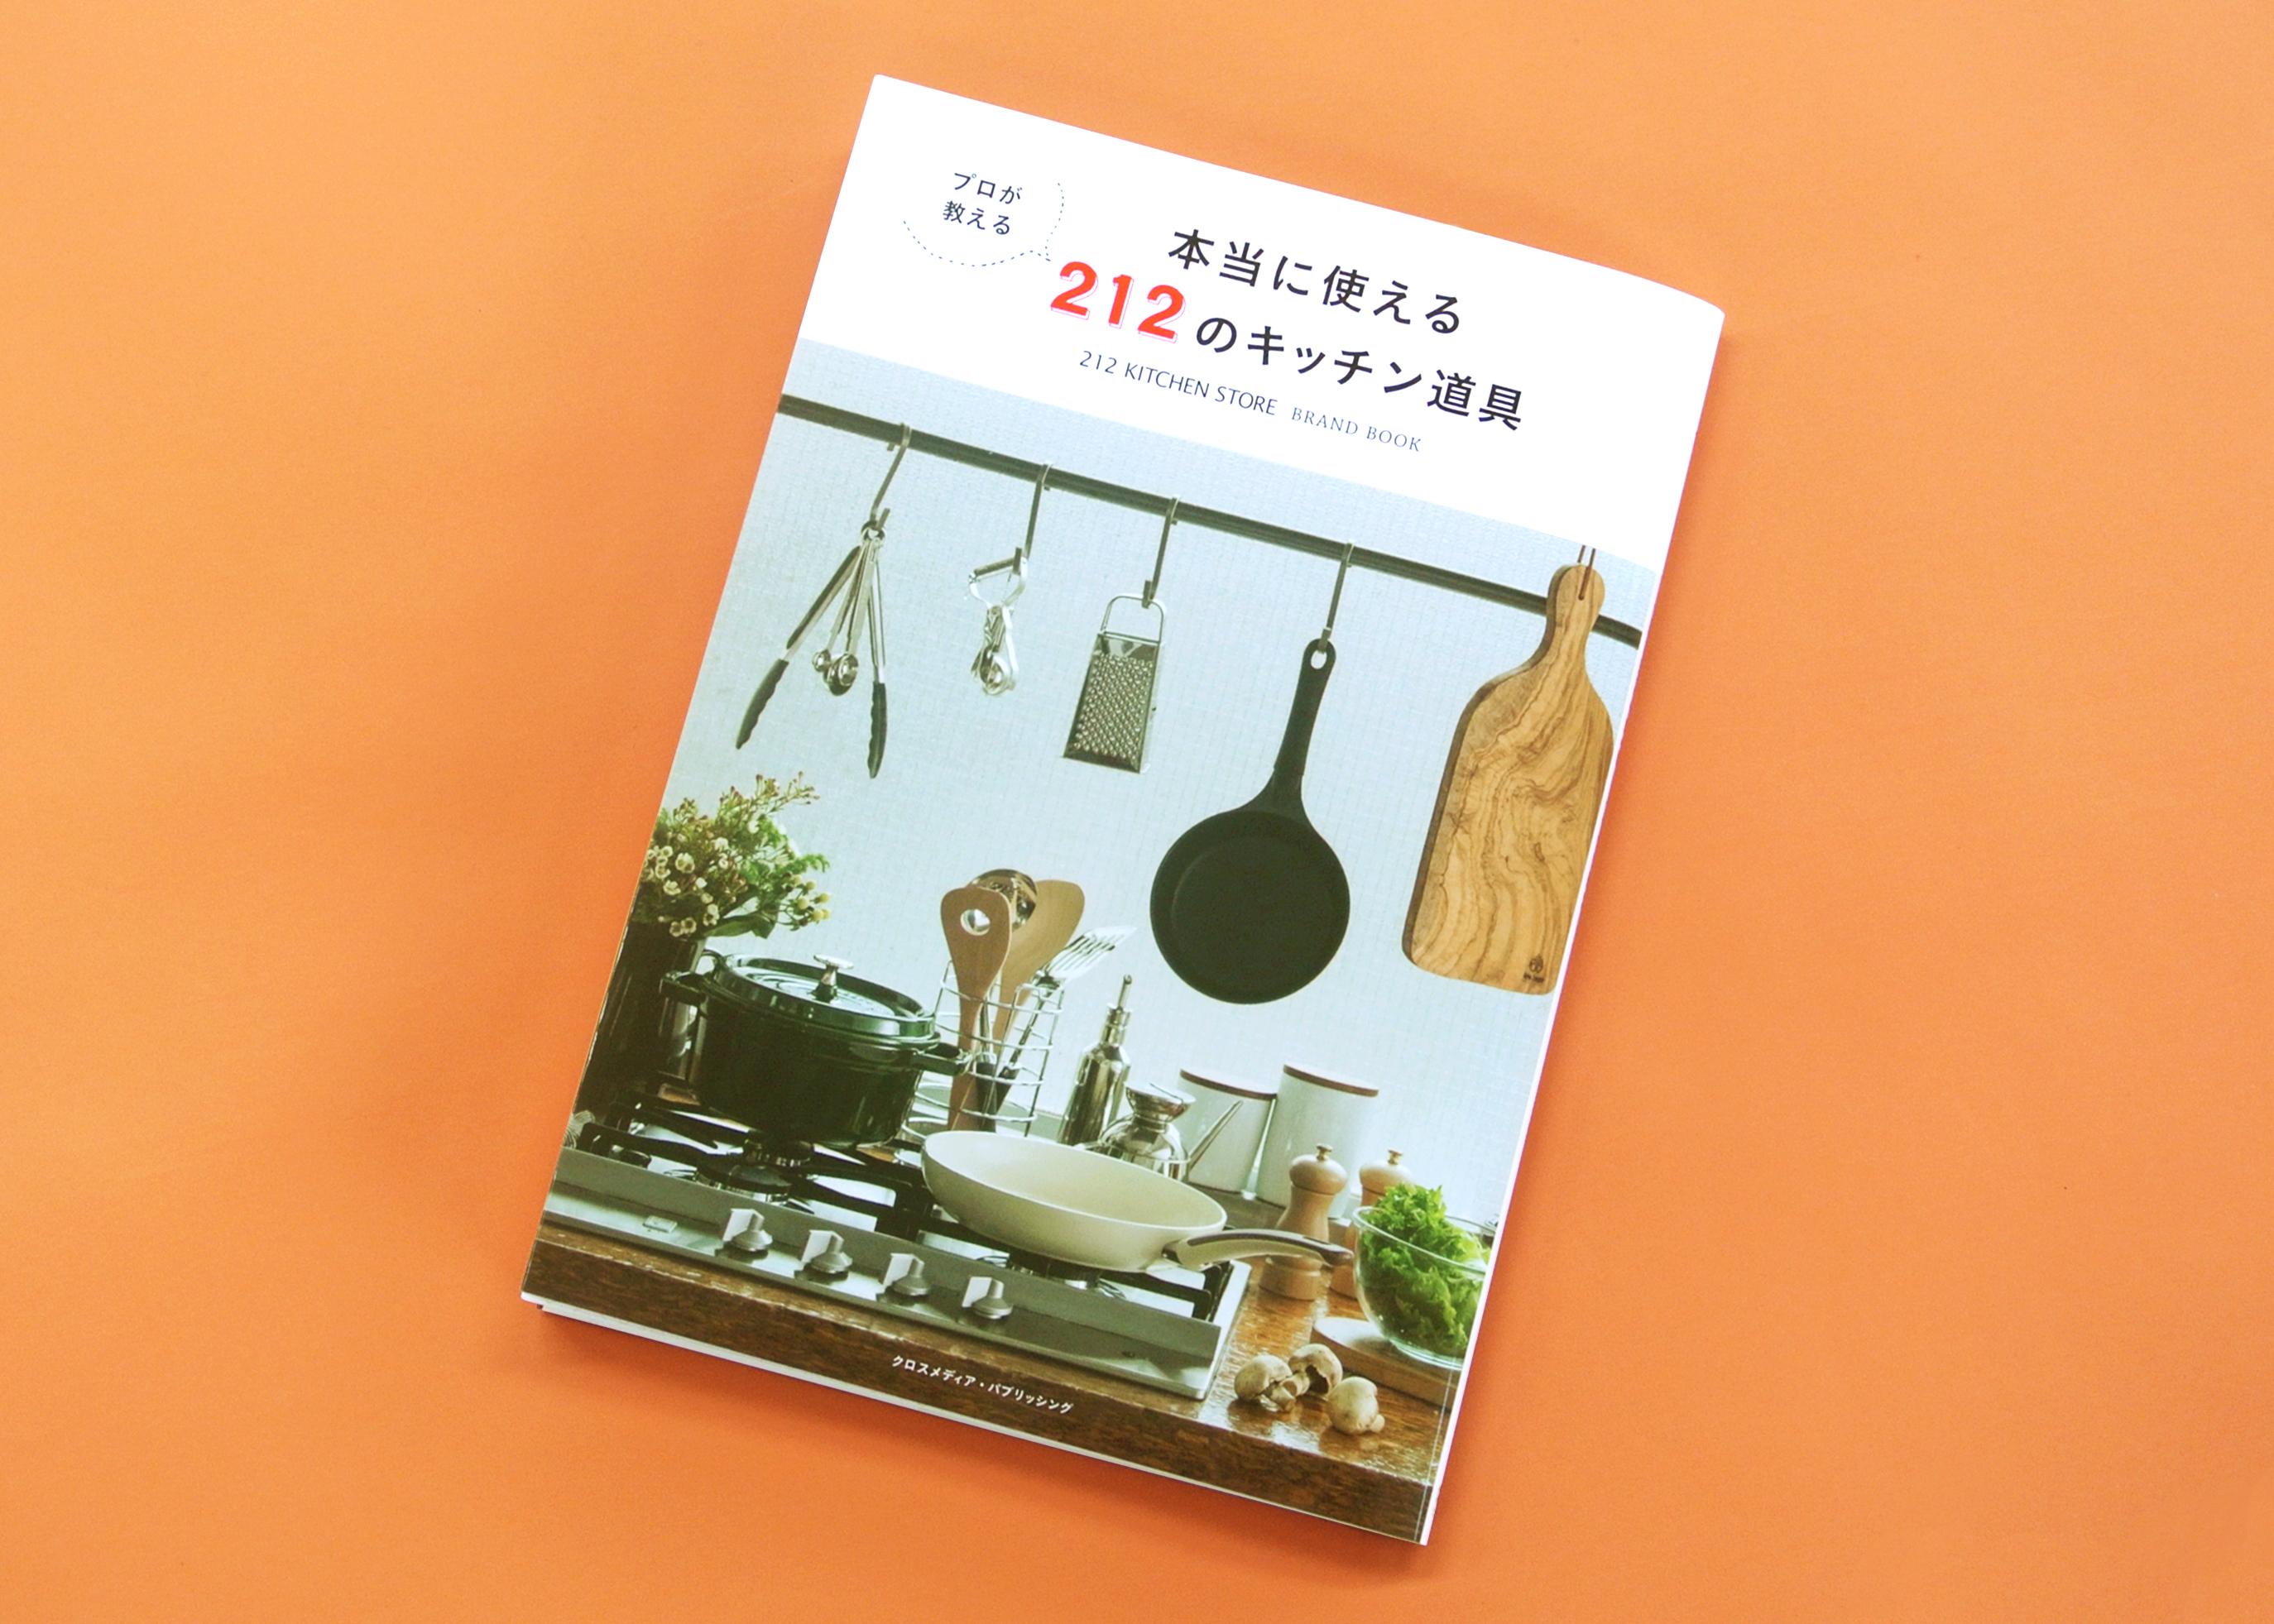 212 KITCHEN STORE BRAND BOOK